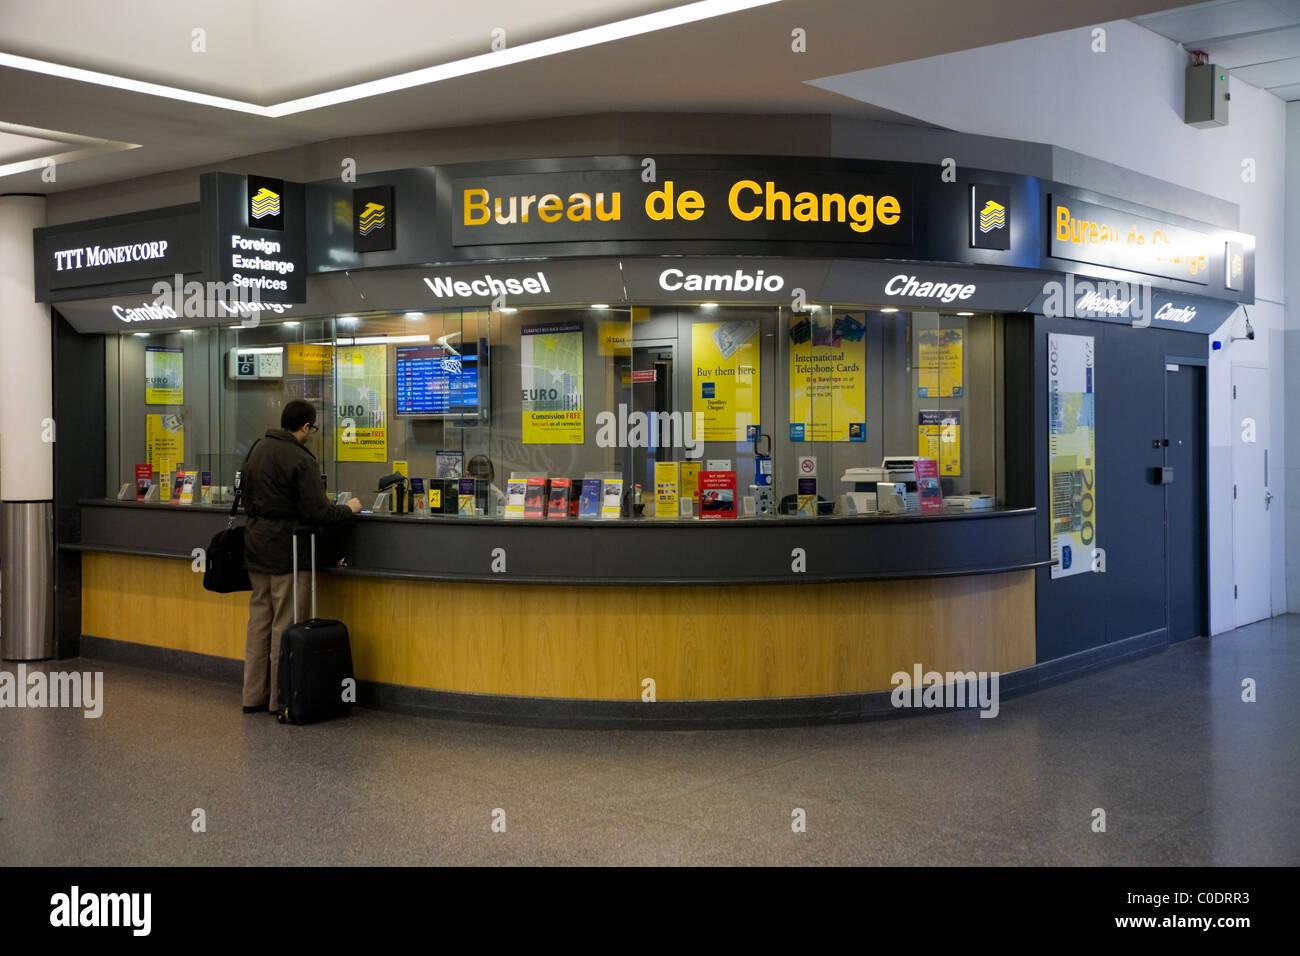 Bureau de change office von ttt moneycorp am flughafen gatwick